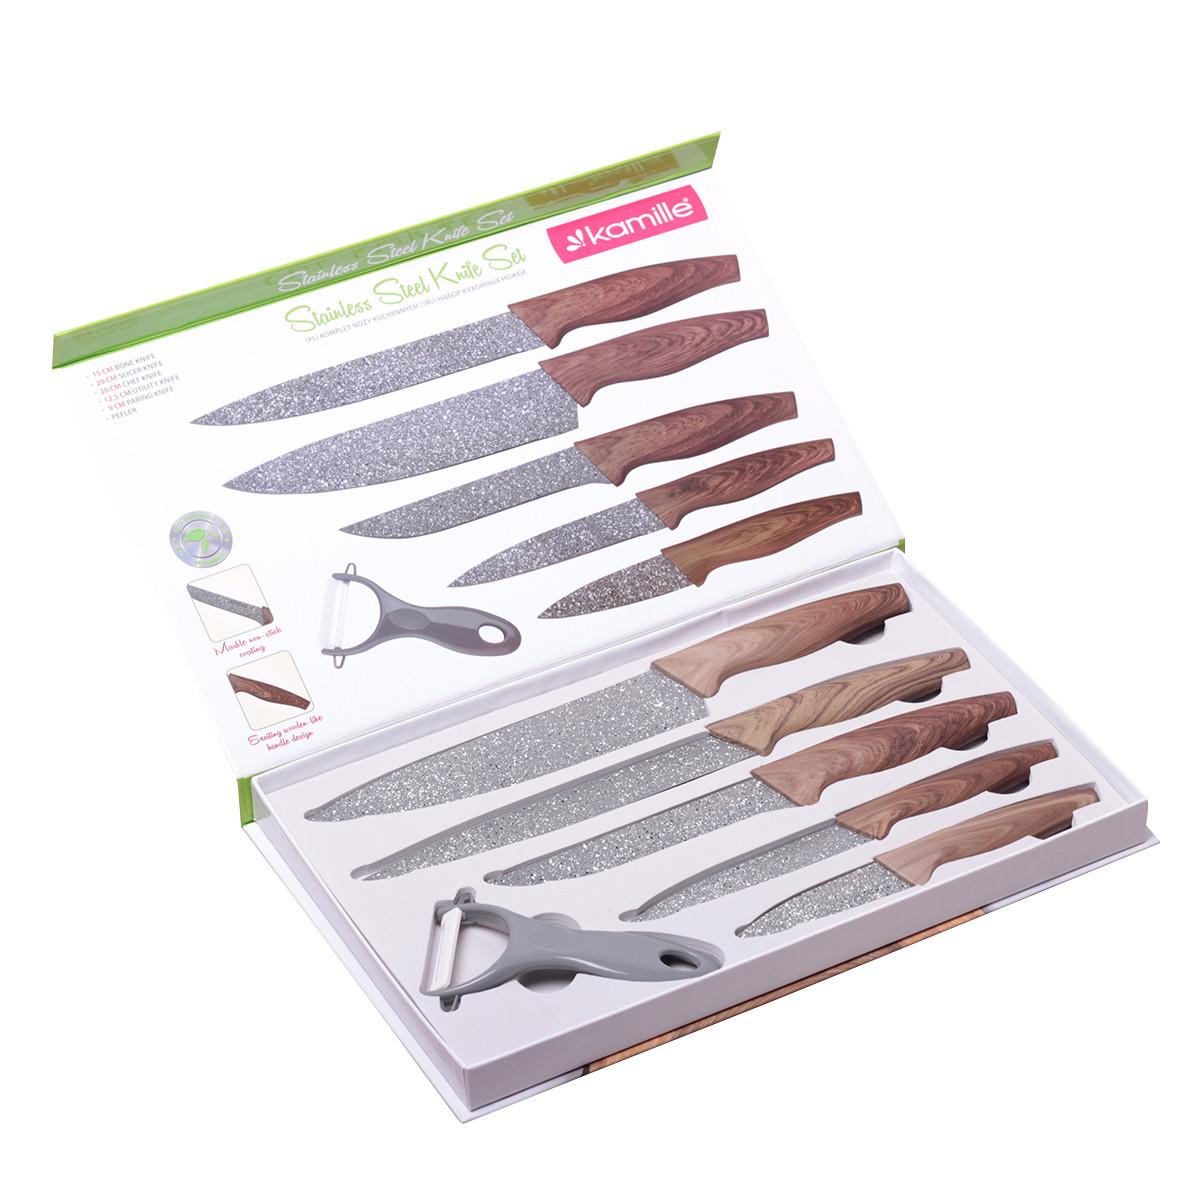 Набор кухонных ножей Kamille 6 предметов в подарочной упаковке (5 ножей+овощечистка) KM-5043